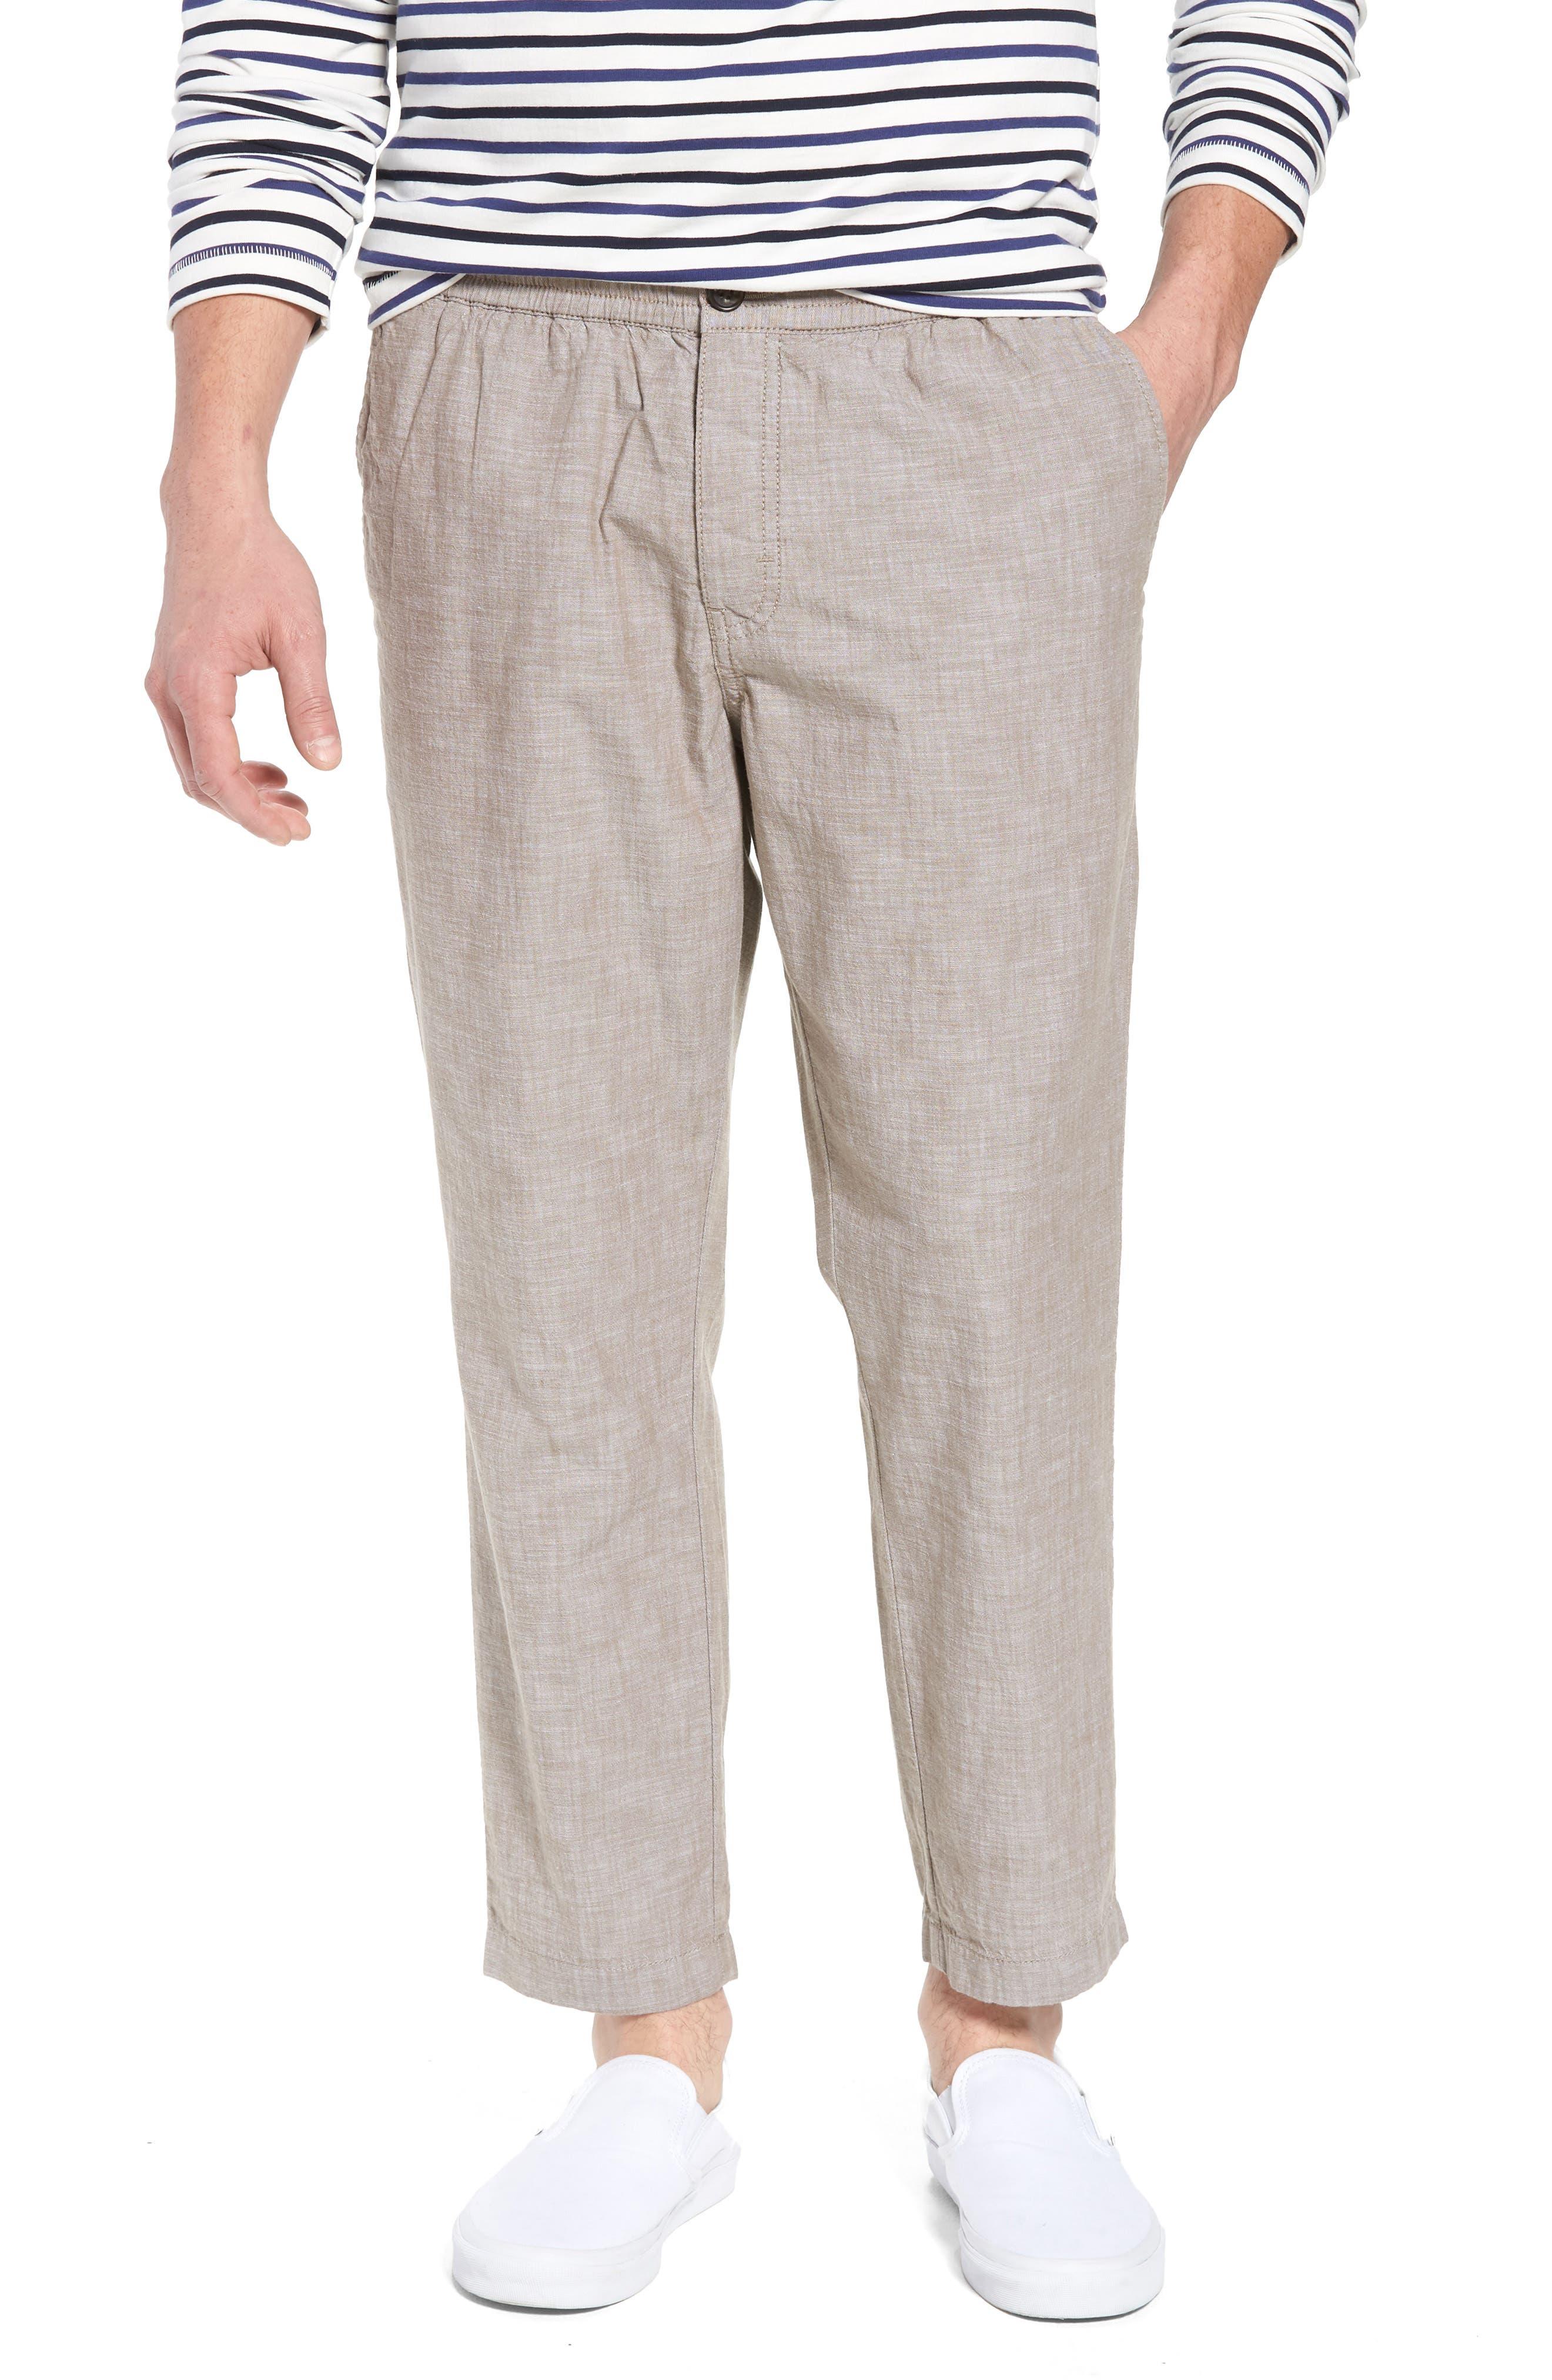 Crop Chambray Chino Pants,                             Main thumbnail 1, color,                             Tan Burrow Chambray